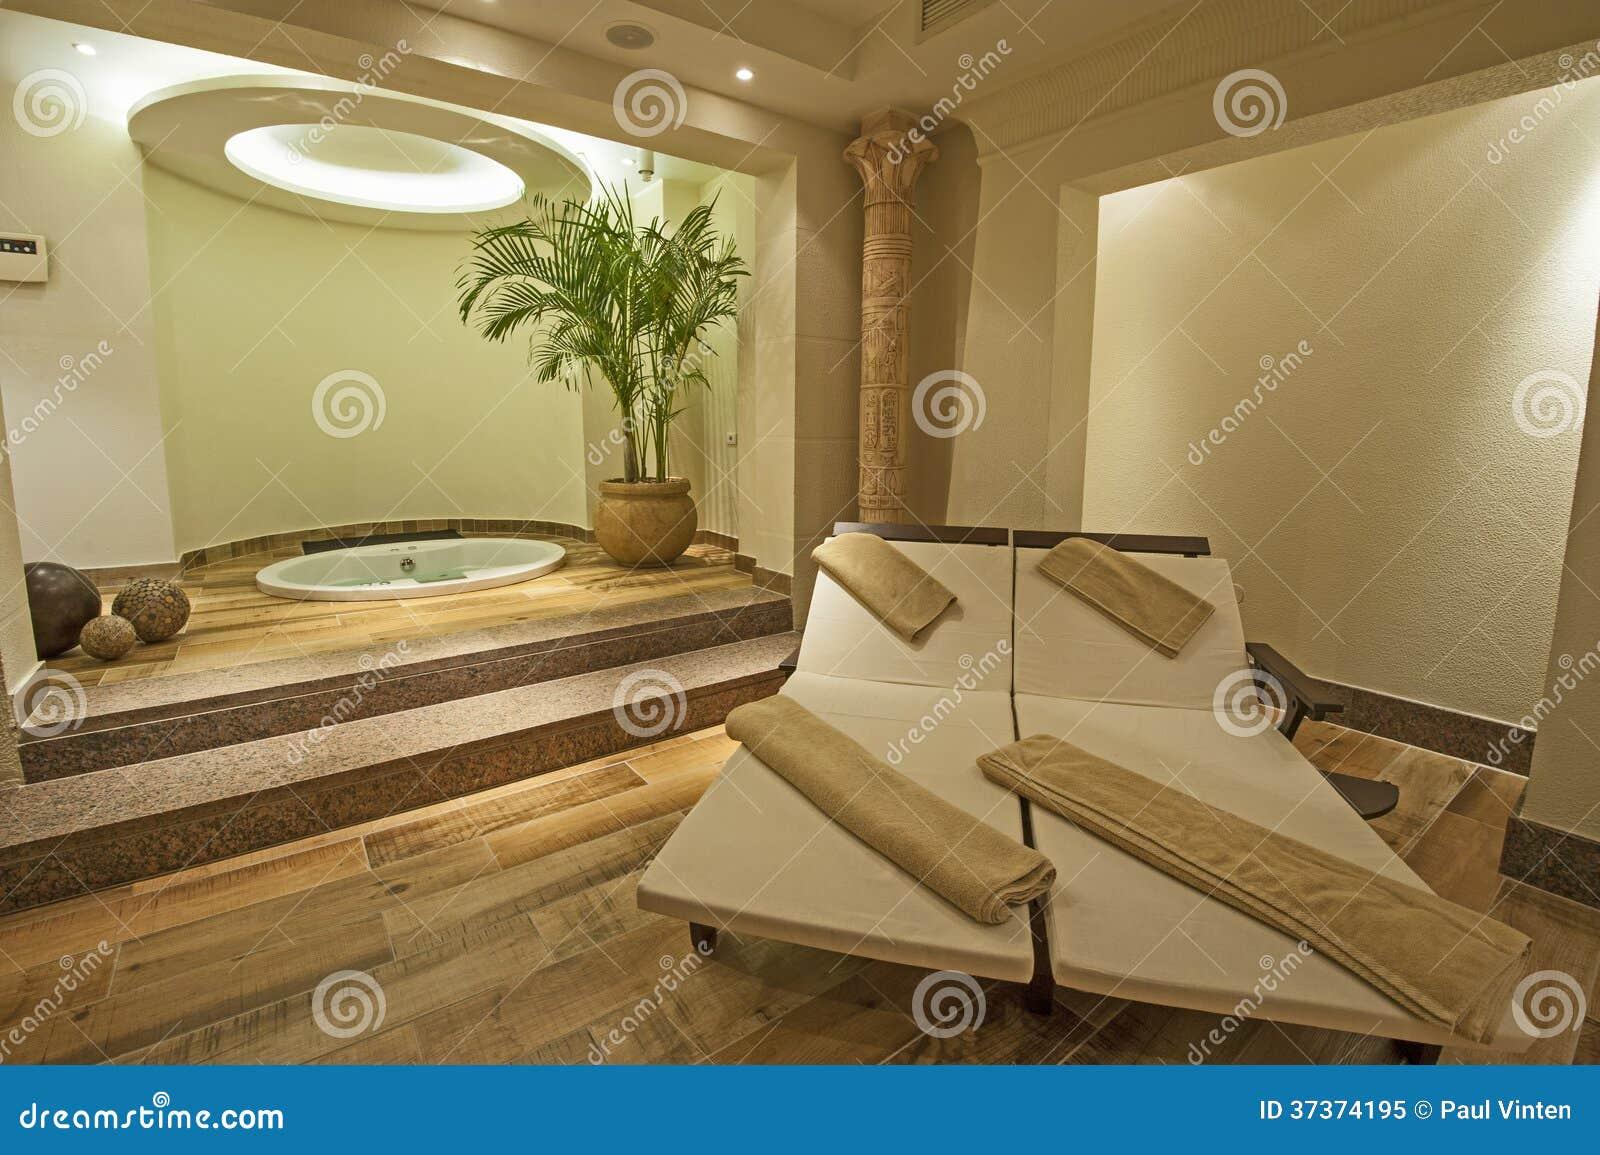 Priv ruimte in een luxe health spa royalty vrije stock foto afbeelding 37374195 - Kind ruimte luxe ...